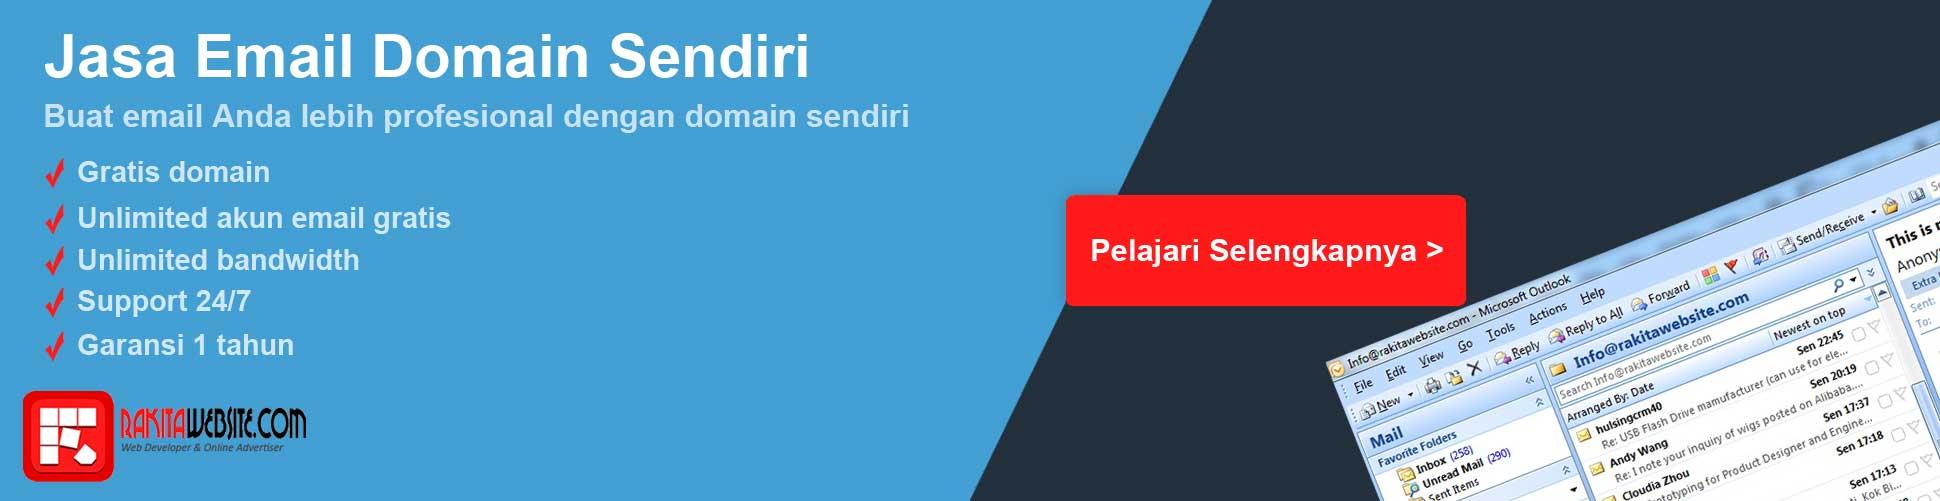 banner jasa email domain sendiri